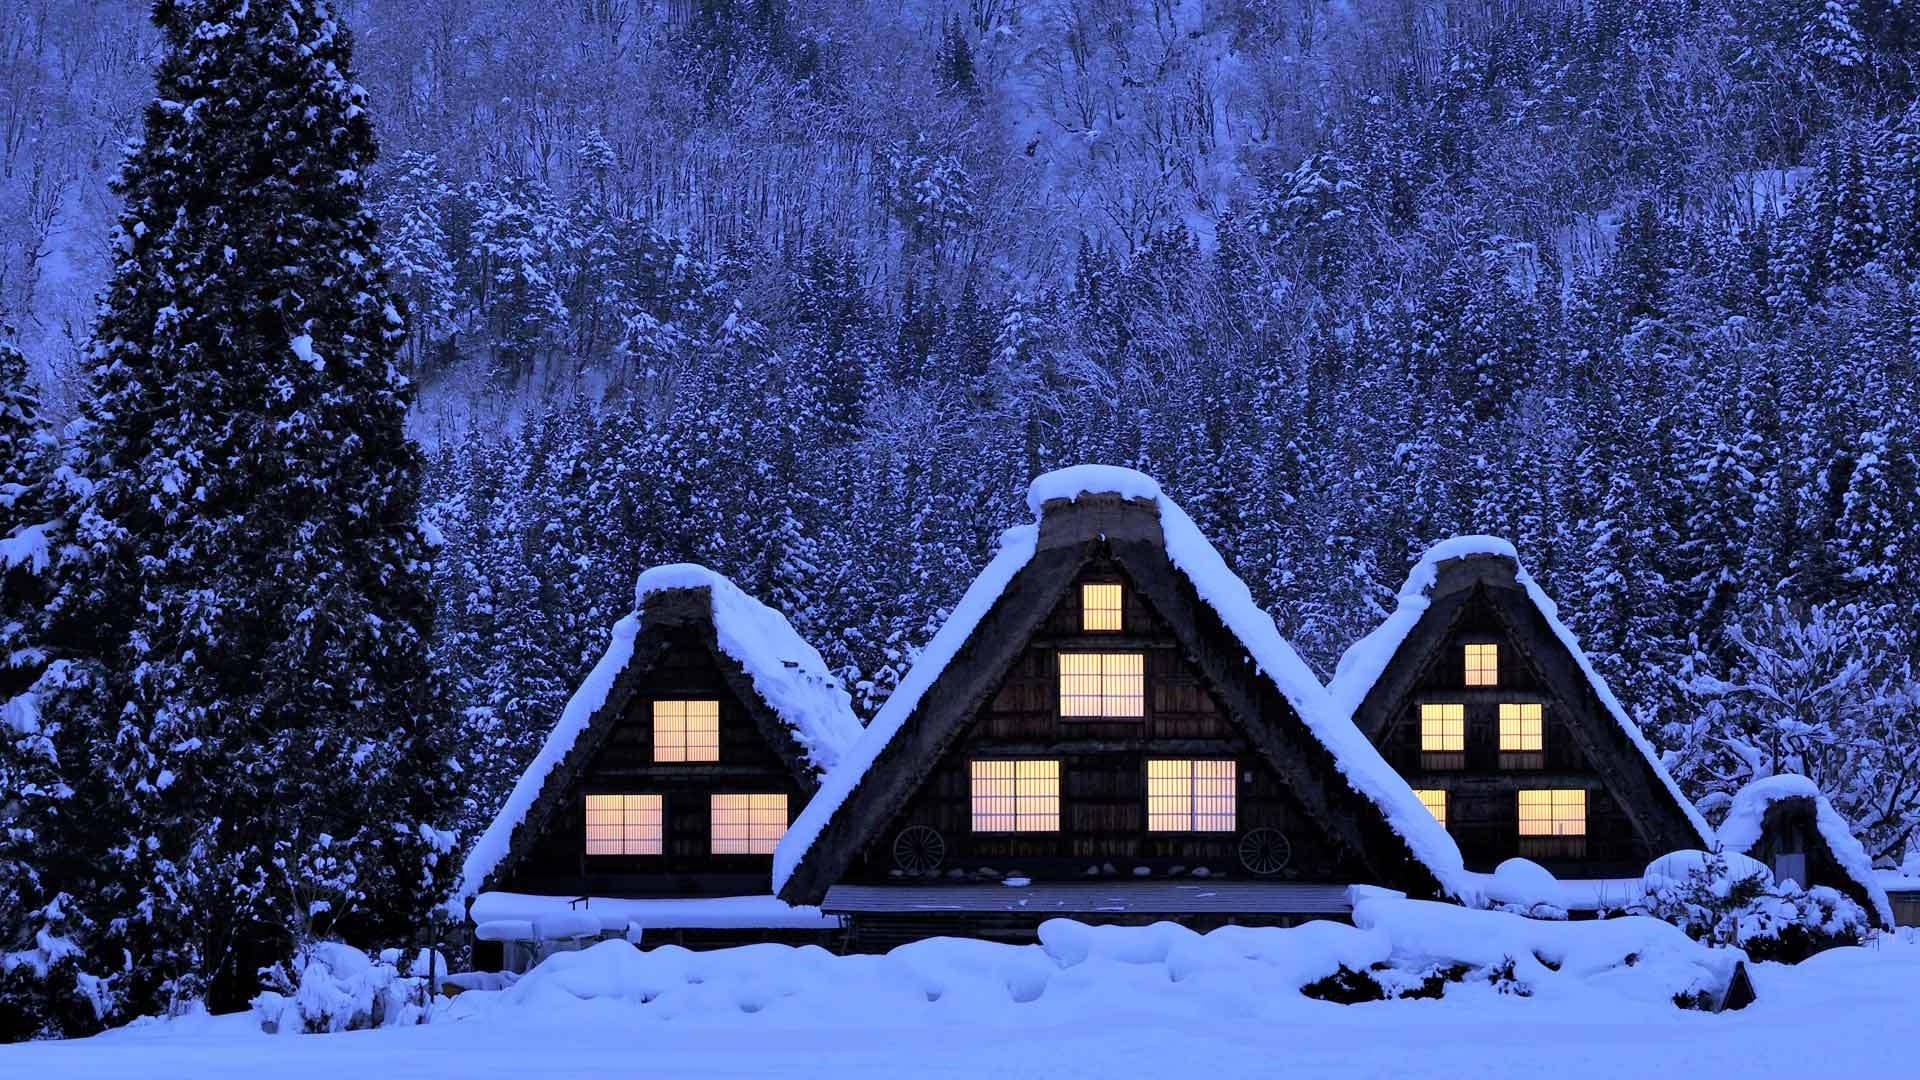 冬日狂想曲